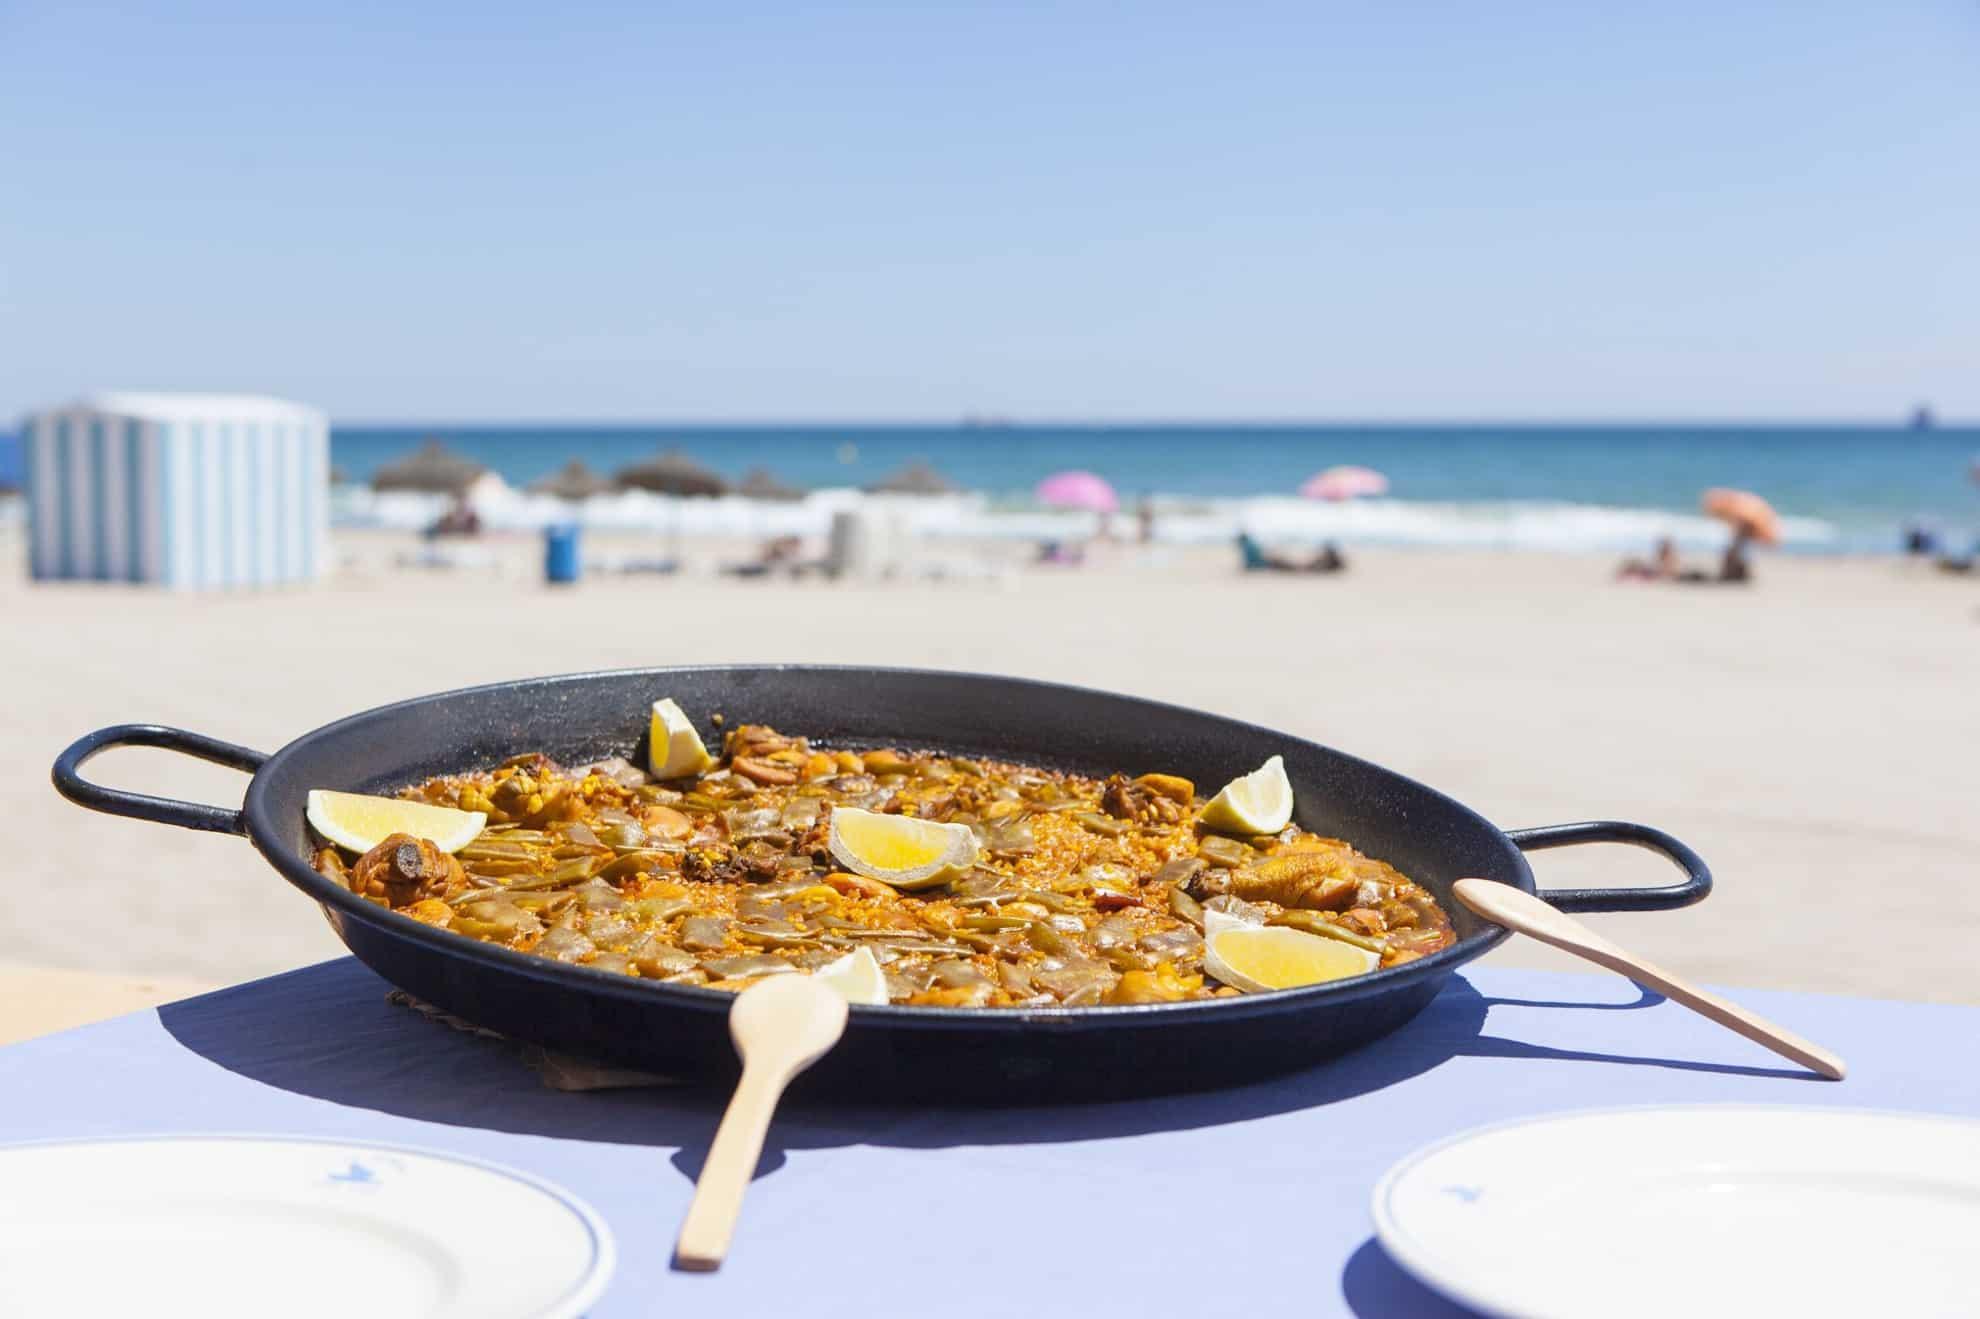 Valencia busca la mejor receta de paella y pueden participar chefs profesionales en cualquier parte del mundo